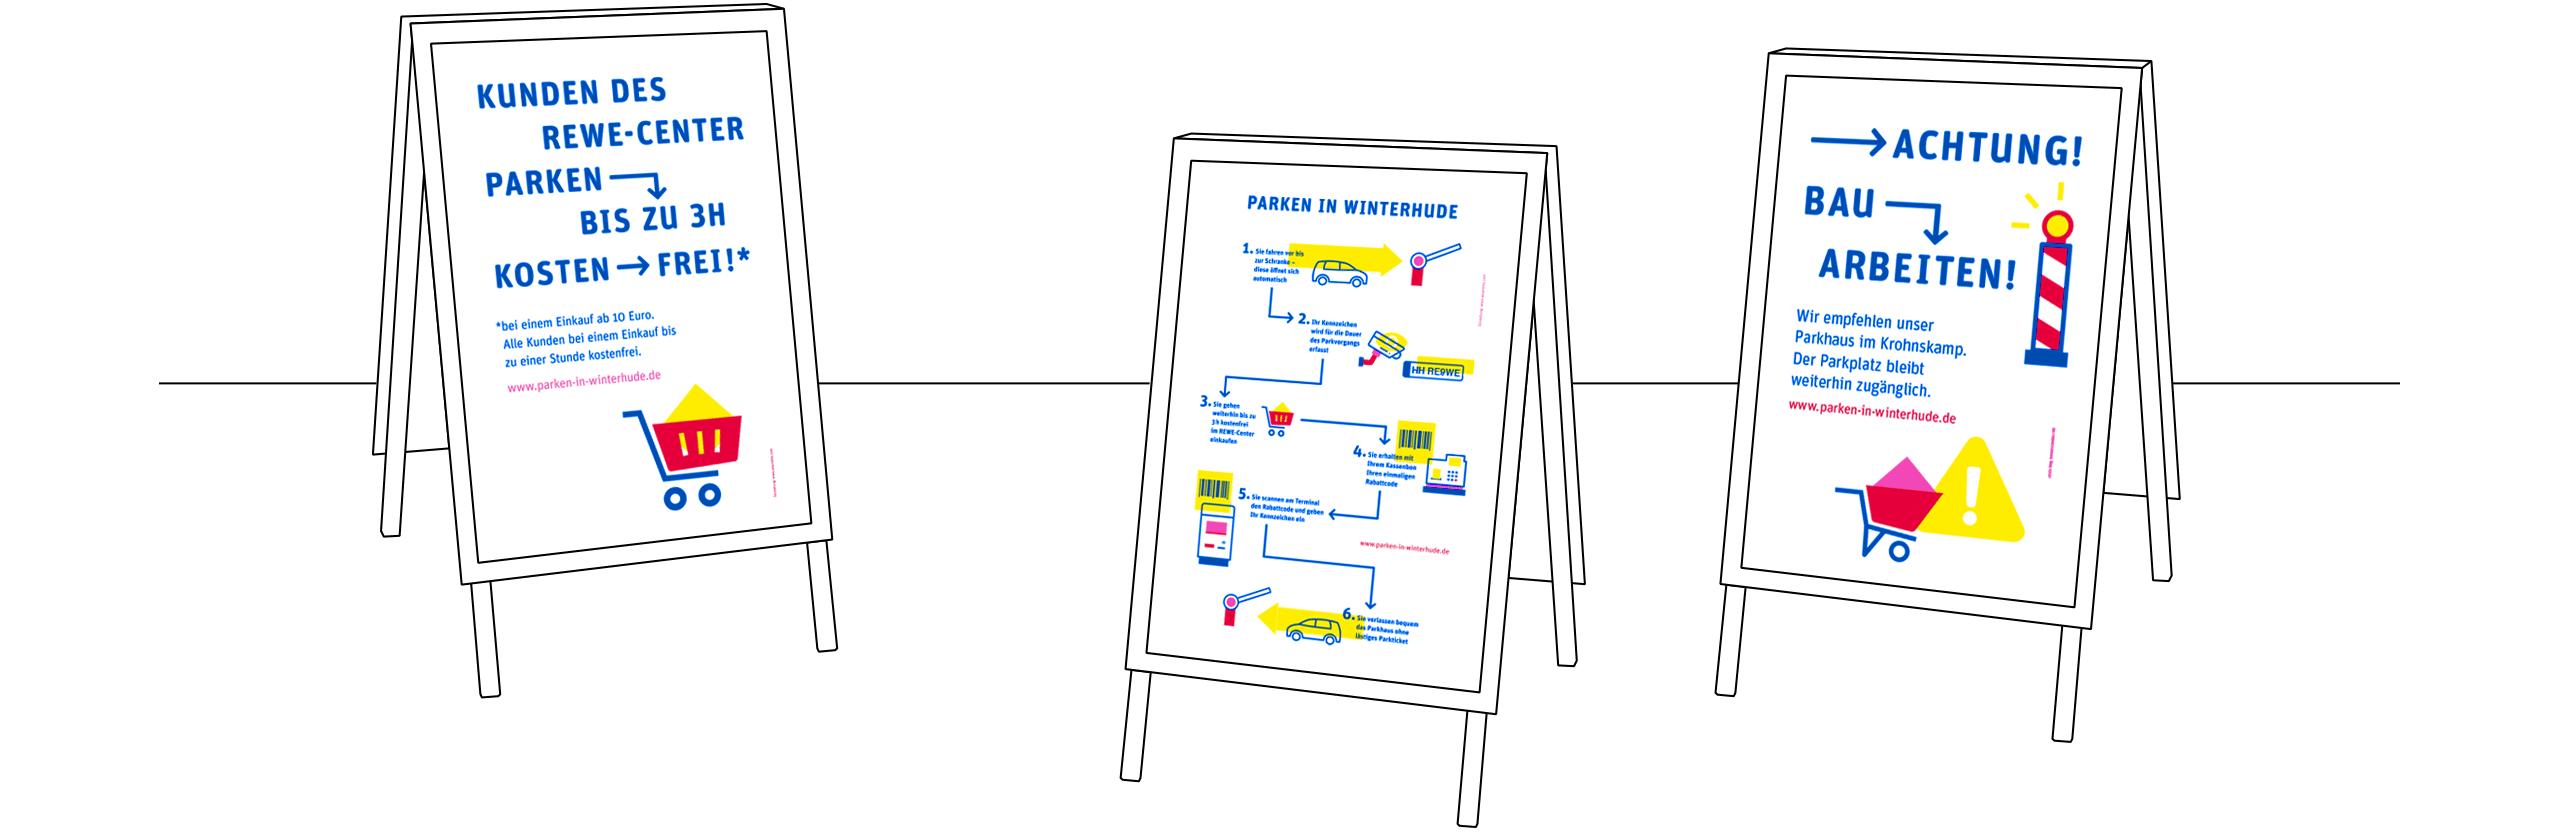 DPG, deutsche Parken Gesellschaft, Aufsteller, Plakat